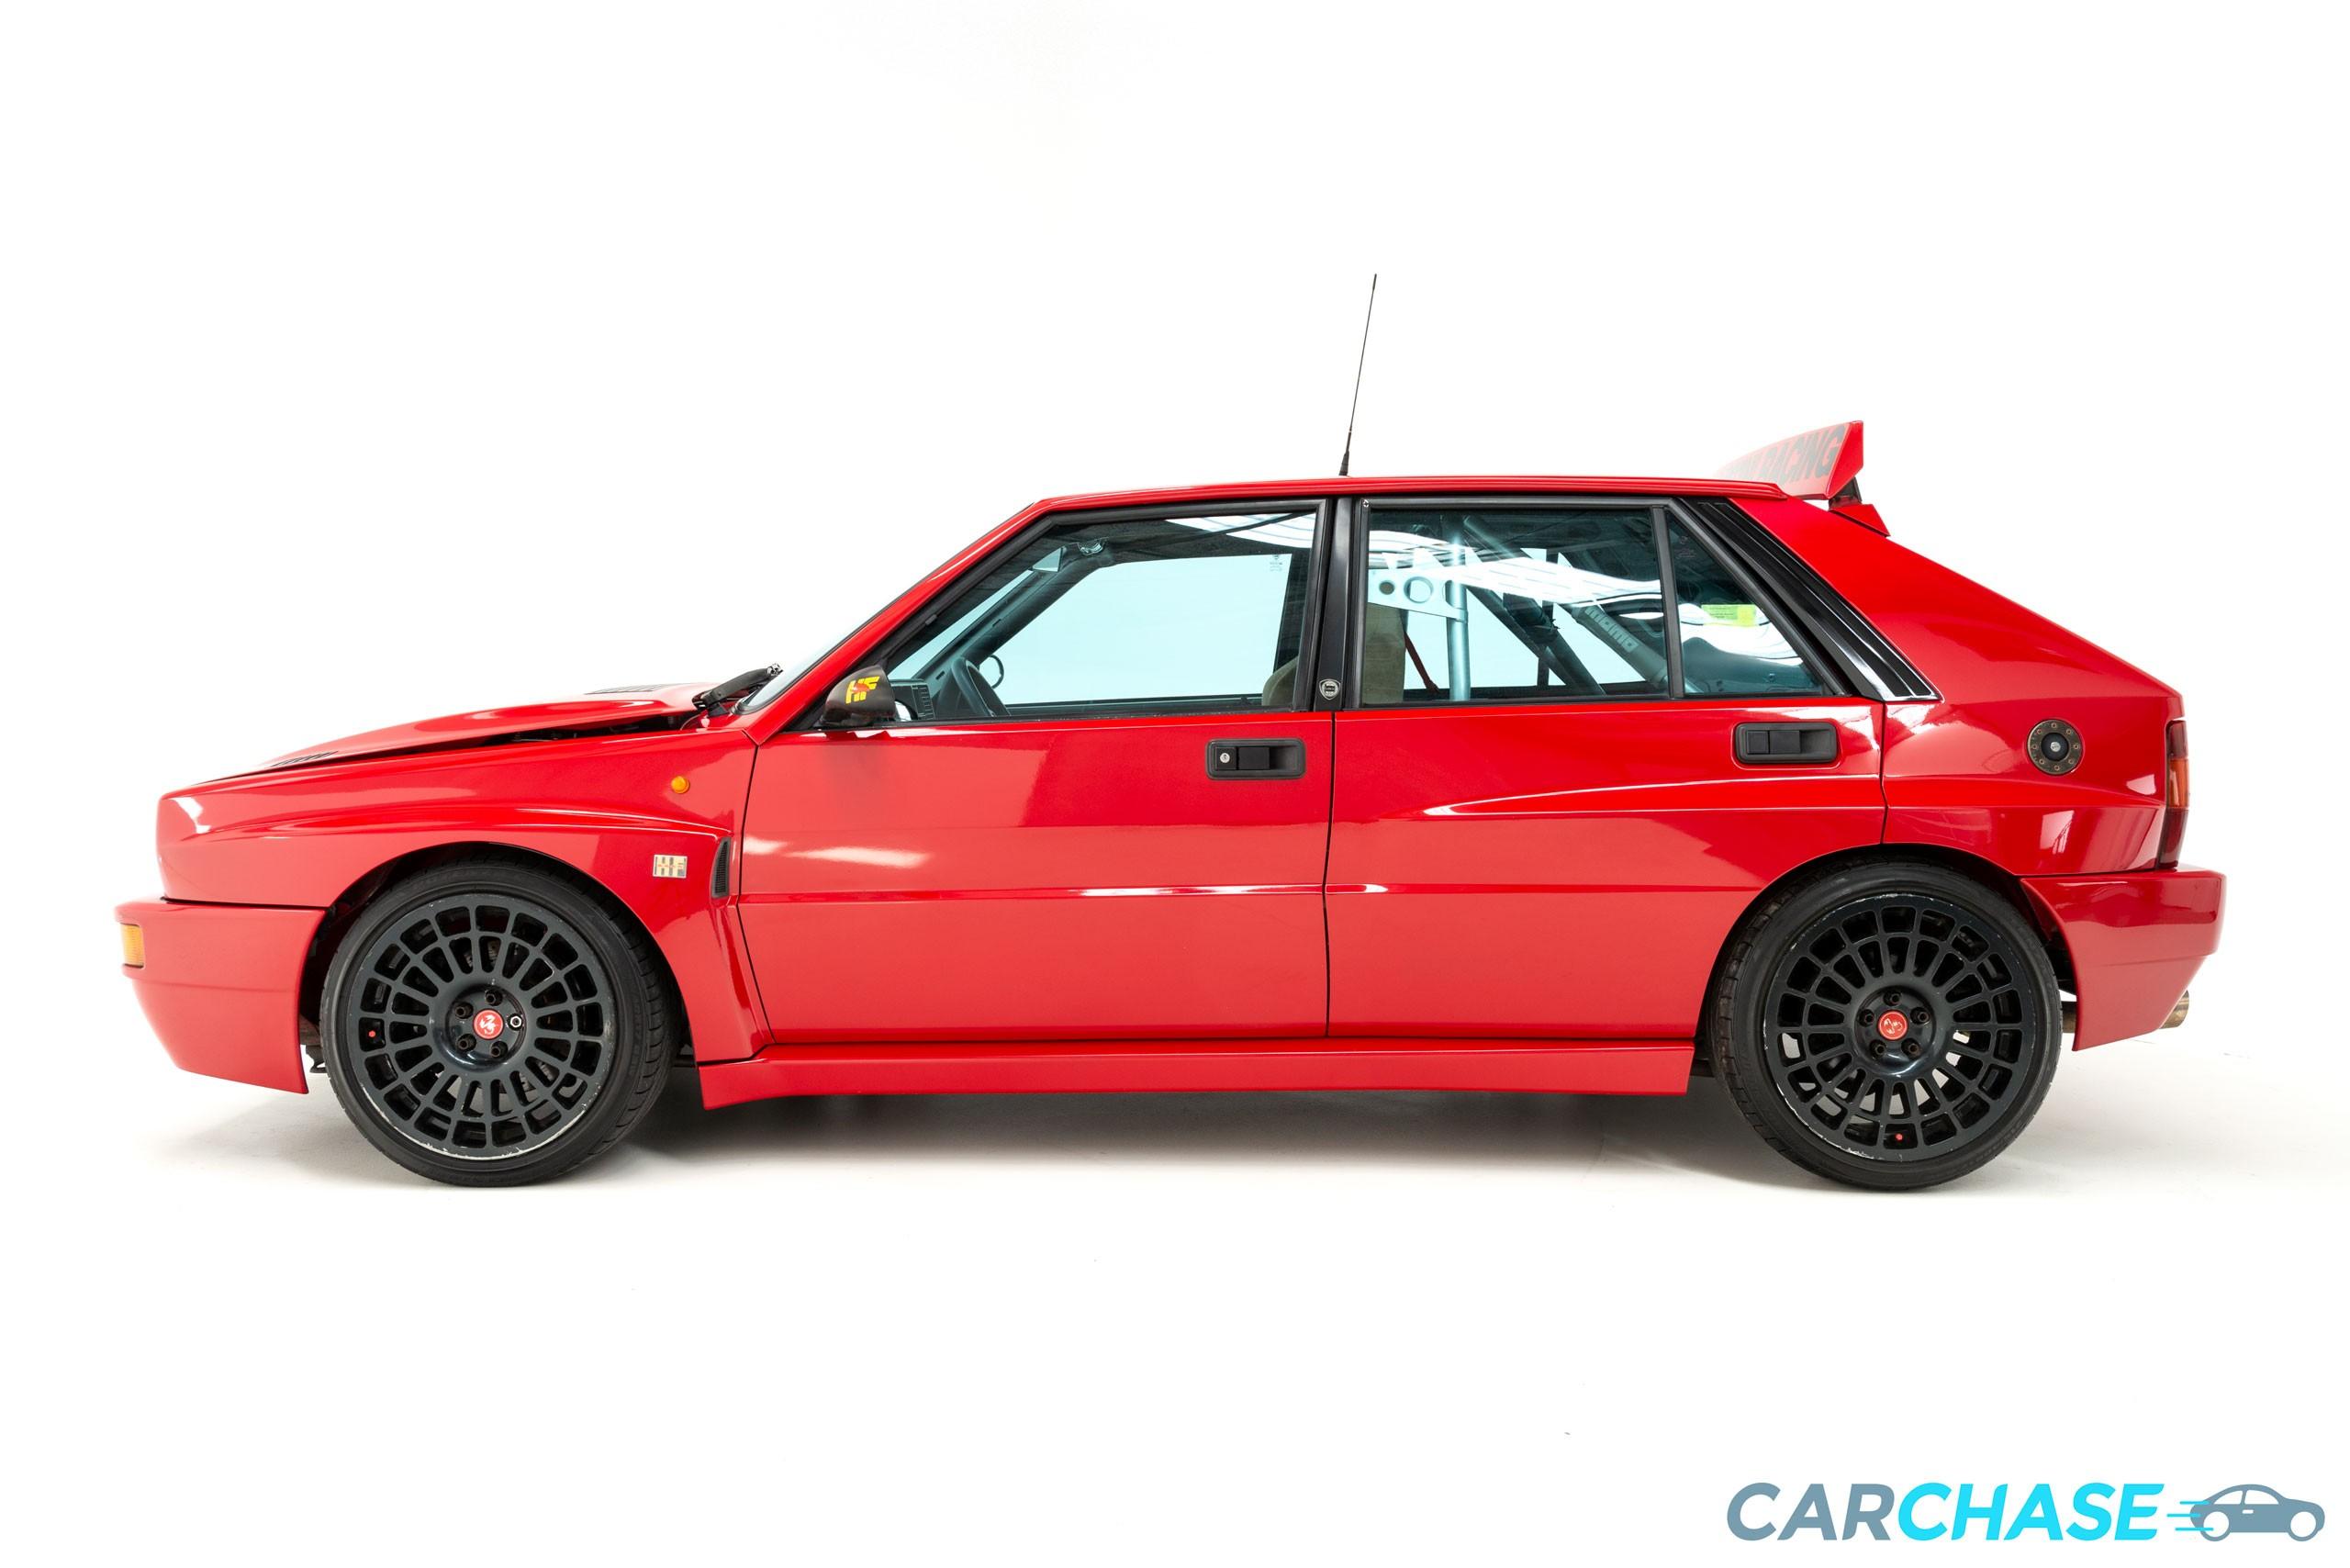 Image of left profile of 1993 Lancia Delta Integrale Evo 2